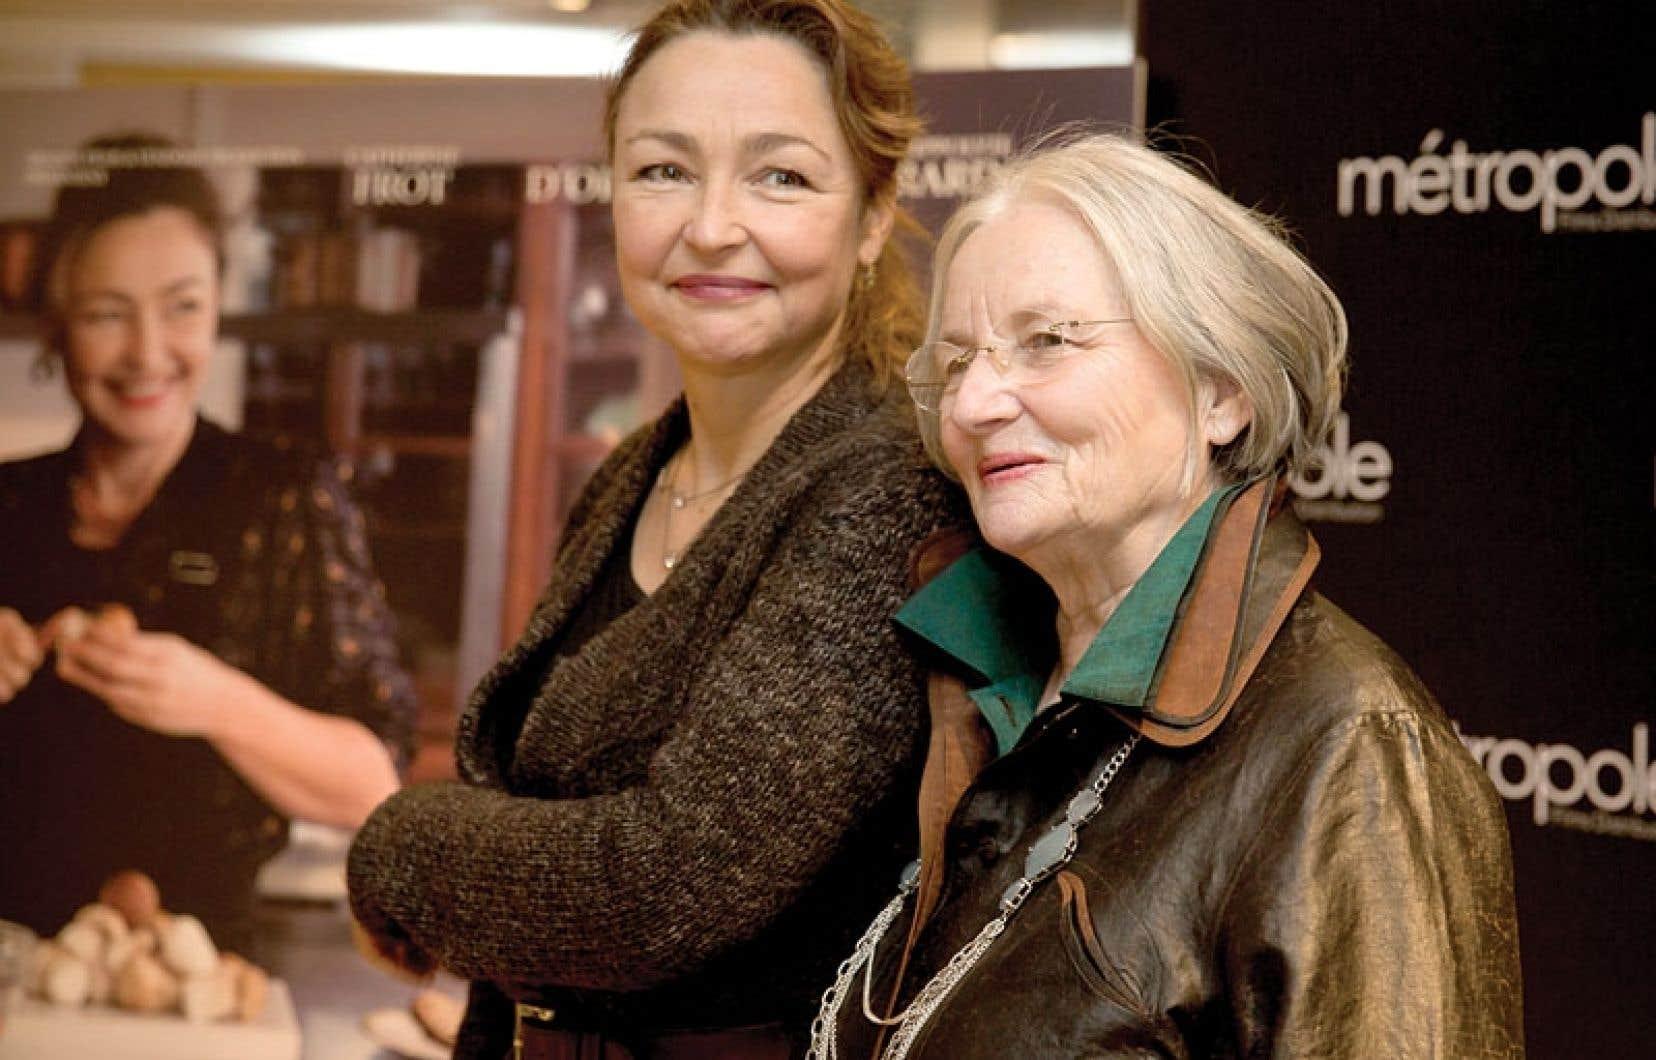 L'actrice française Catherine Frot et la chef Danièle Mazet-Delpeuch accompagnent le film Les saveurs du palais, en salle le 1er mars, présenté en première nord-américaine à Montréal en lumière.